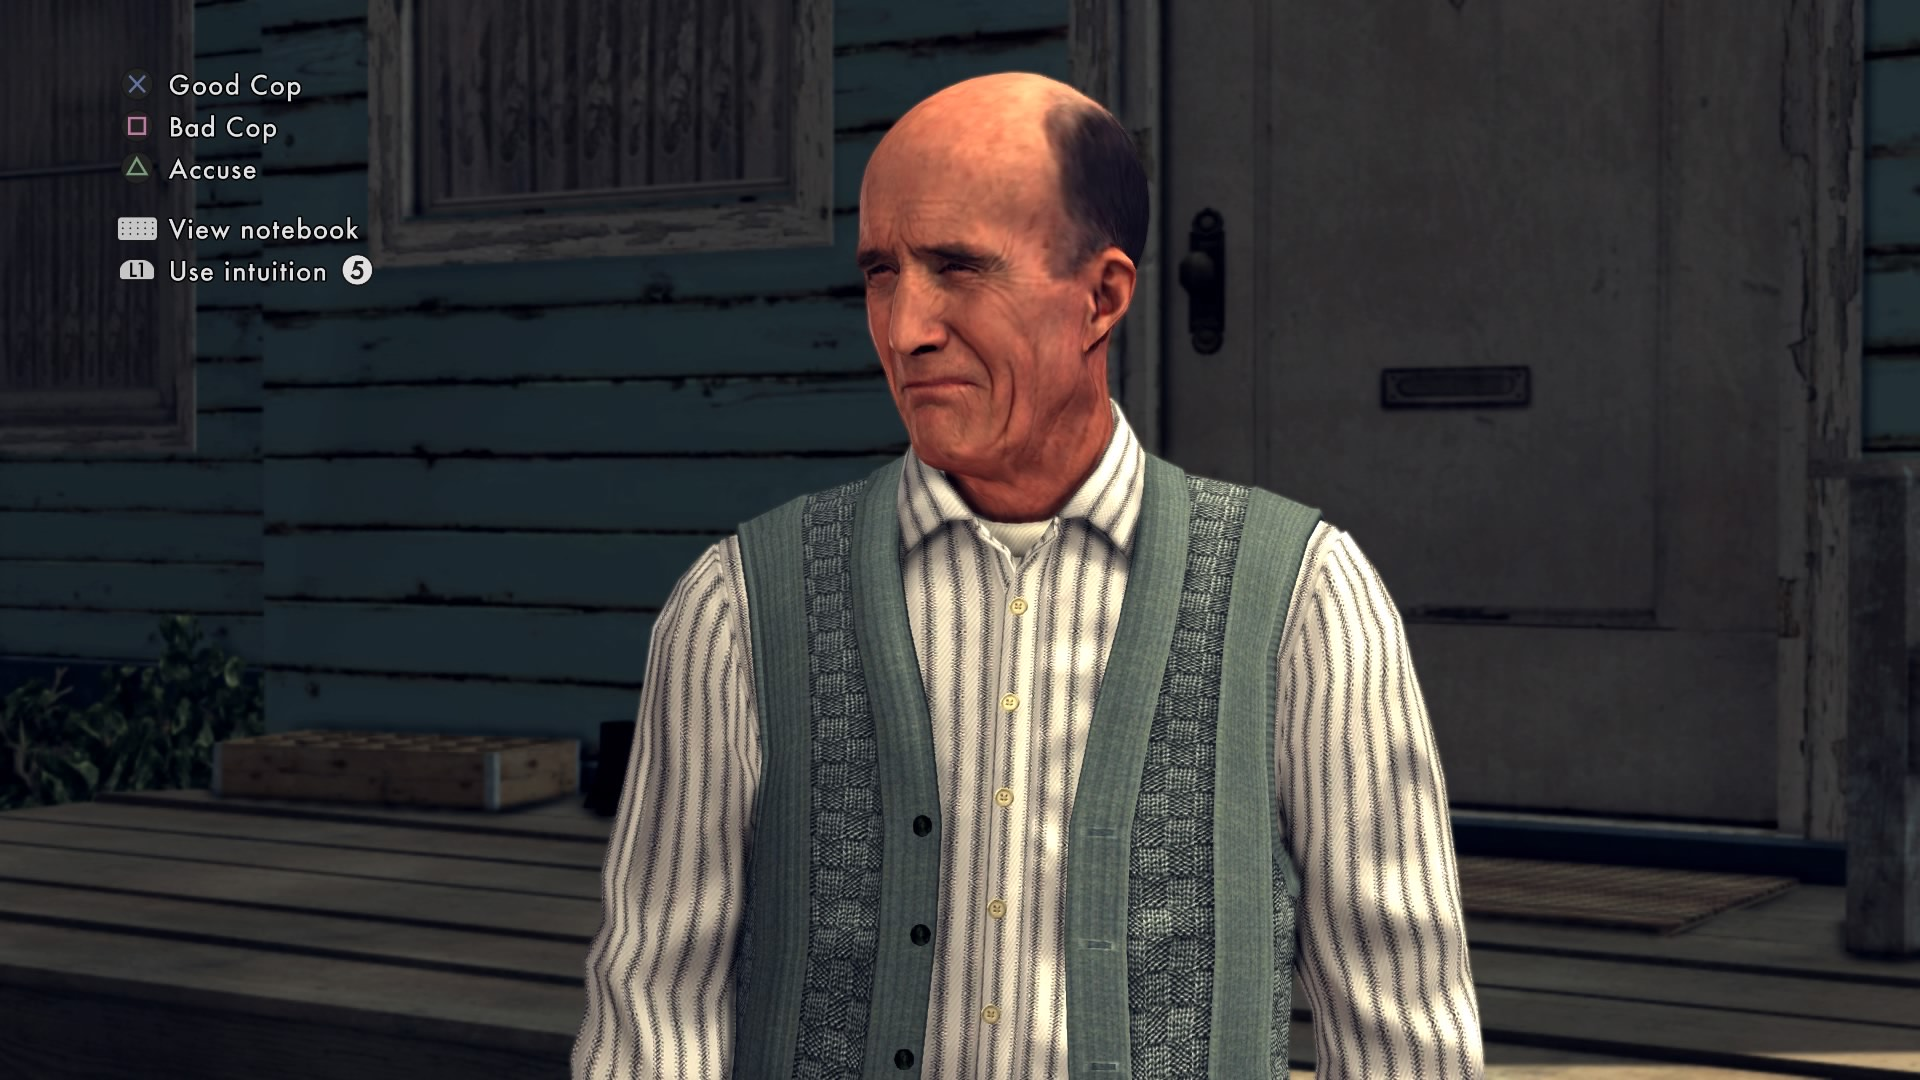 Interrogation scene in the detective game L.A. Noire.